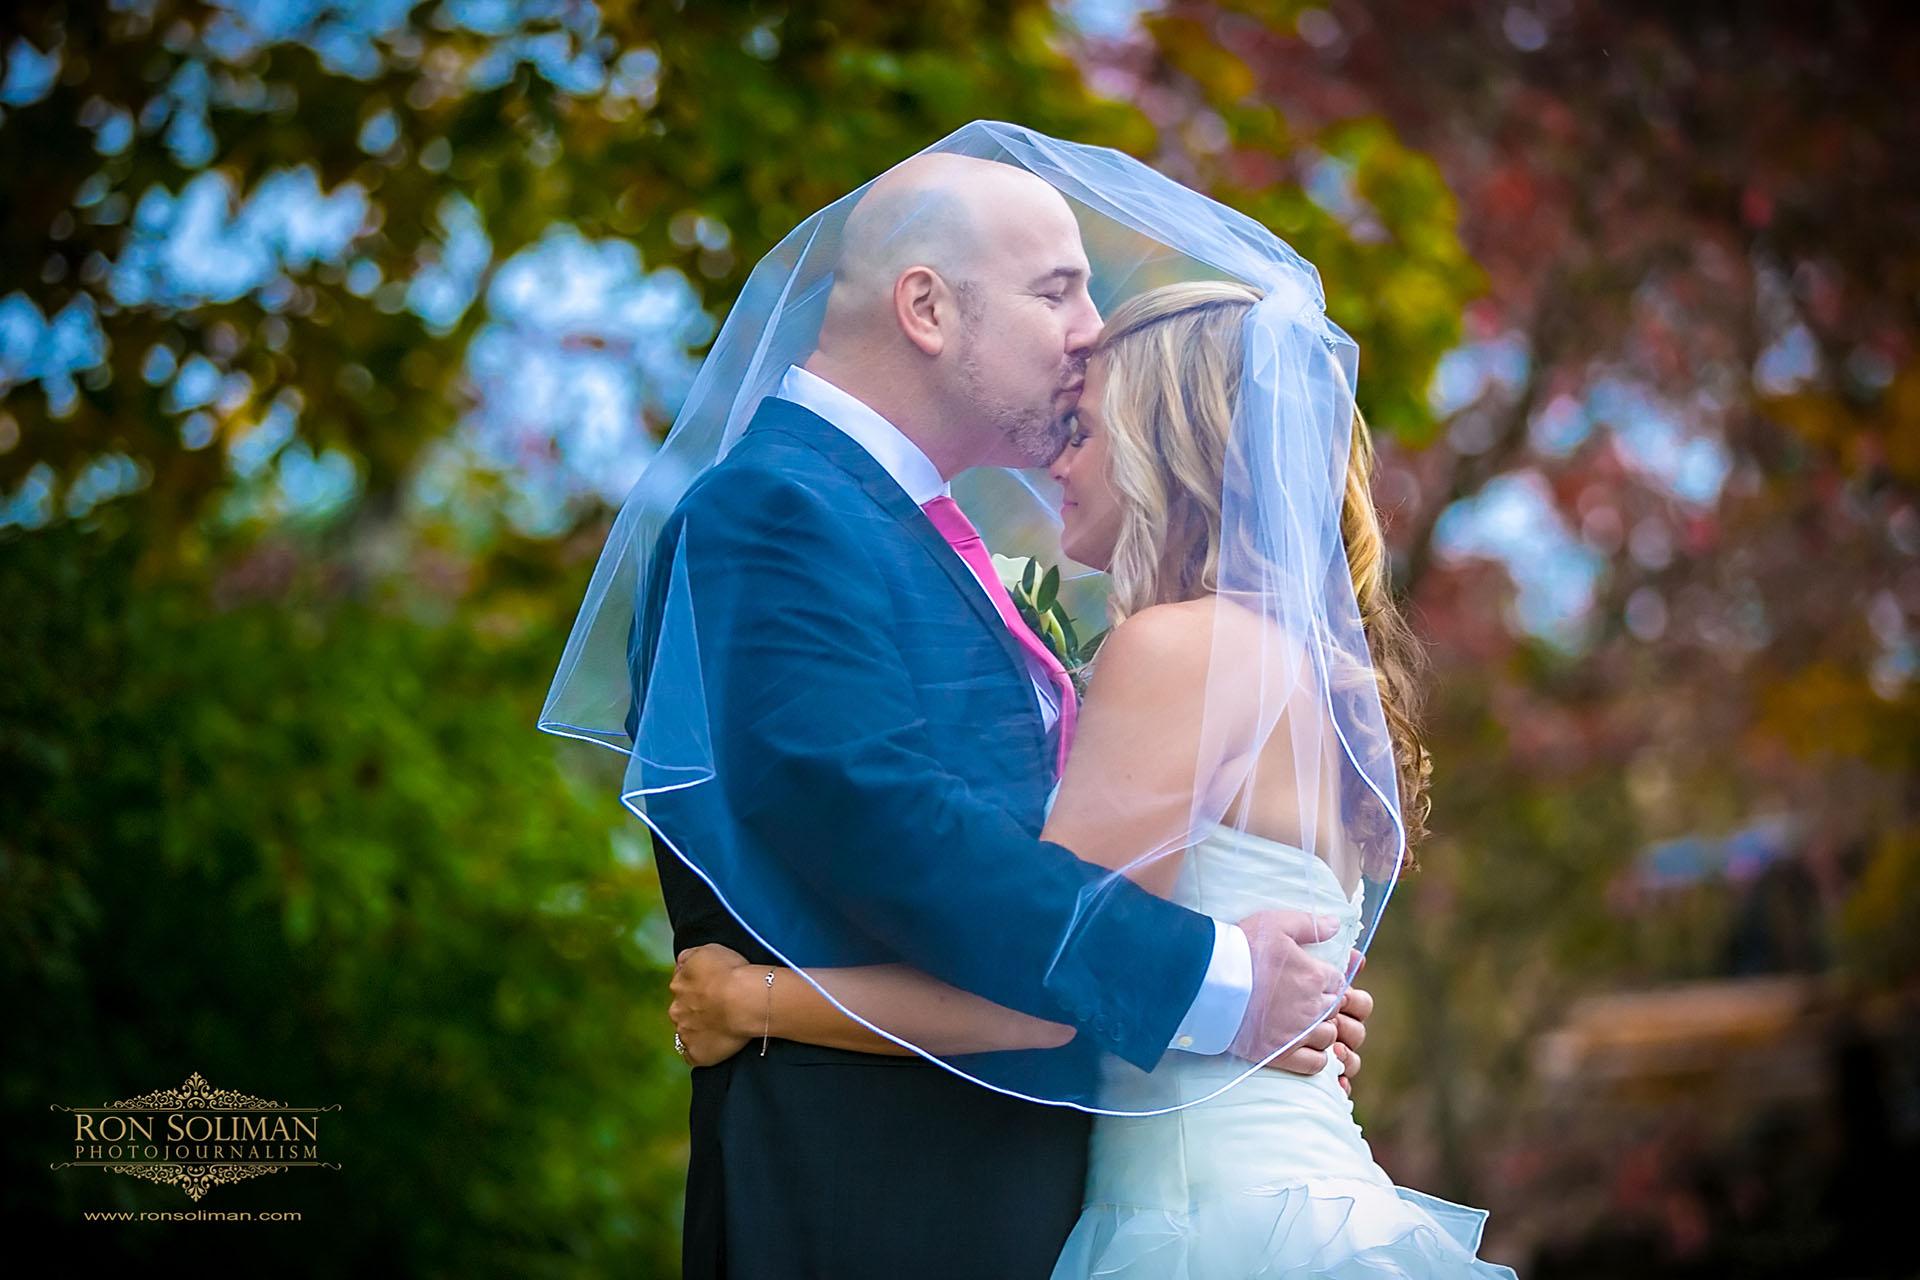 The APAWAMIS CLUB WEDDING photos